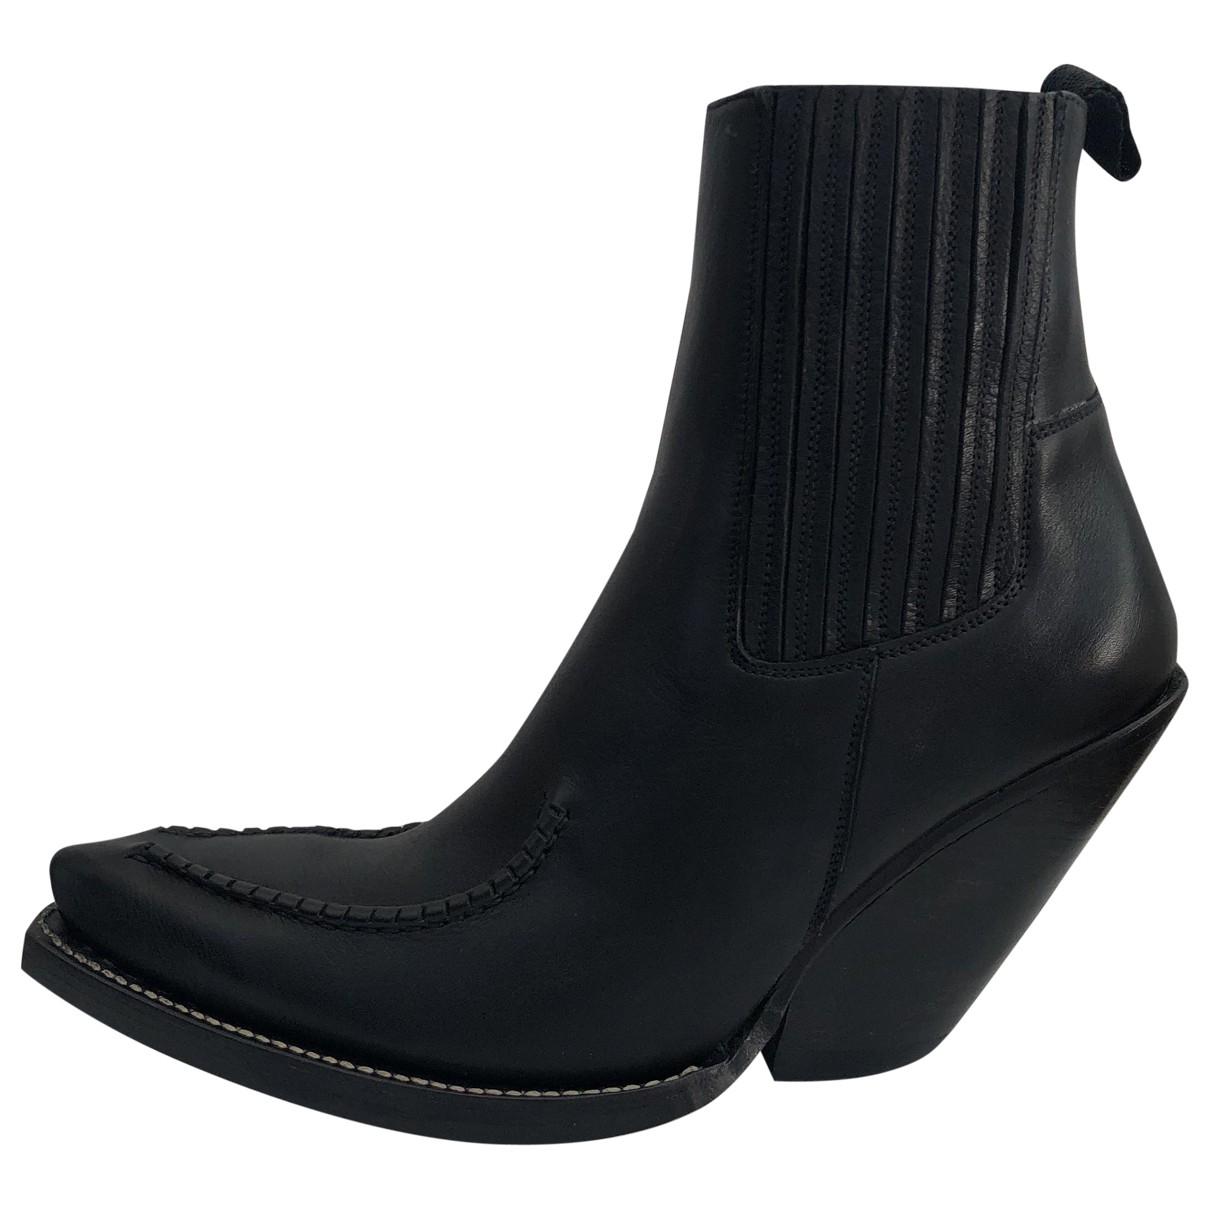 Celine - Boots Cowboy pour femme en cuir - noir